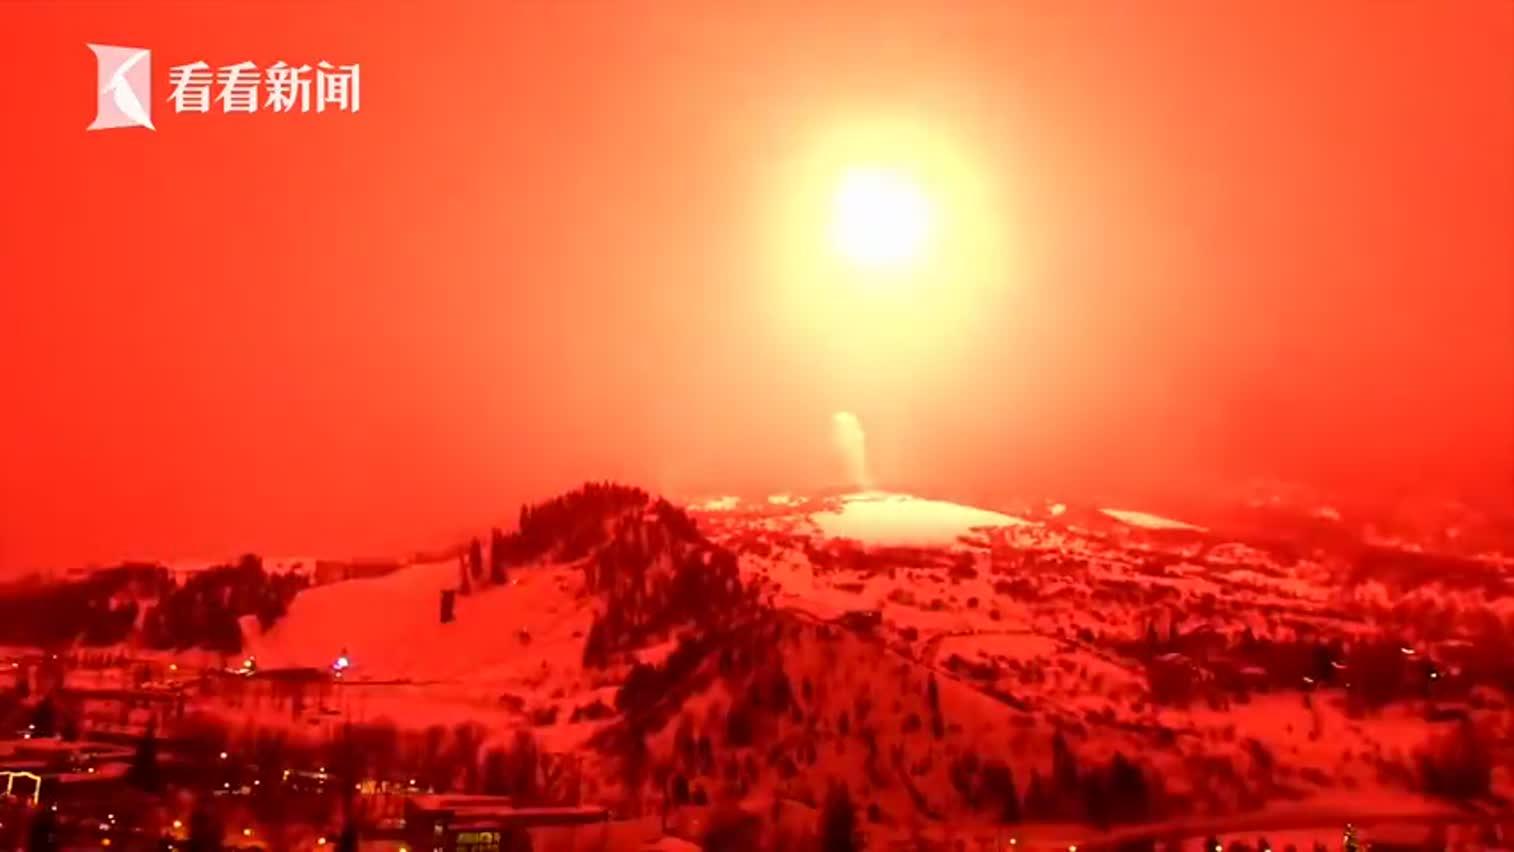 视频-重达1.27吨!美国放全球最大烟花 映红黑